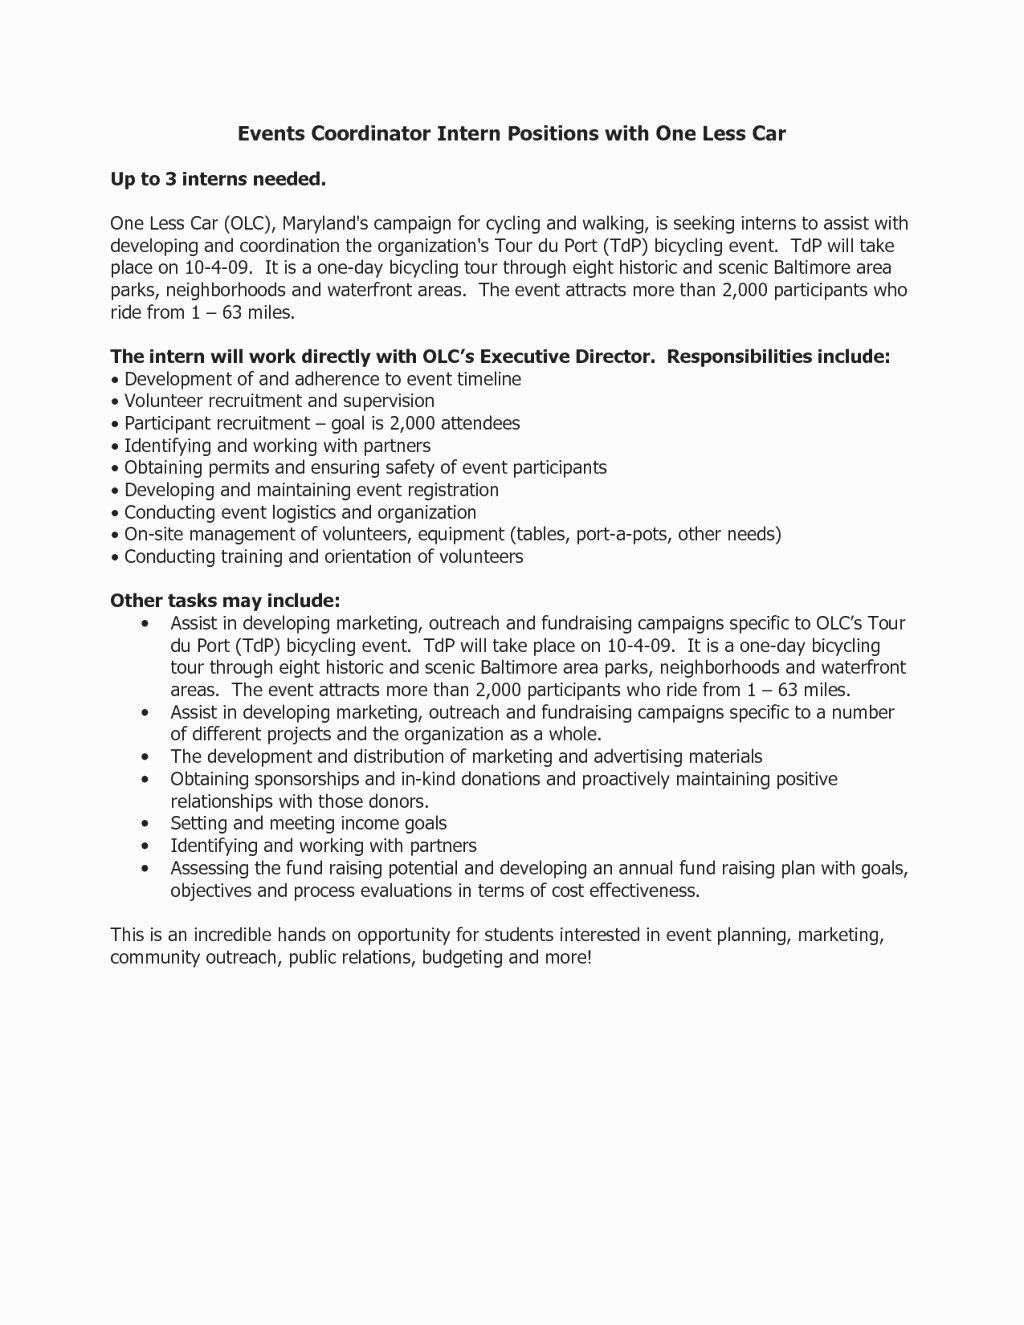 Sample Volunteer Recruitment Letter Fresh Wildland Firefighter Resume Sample